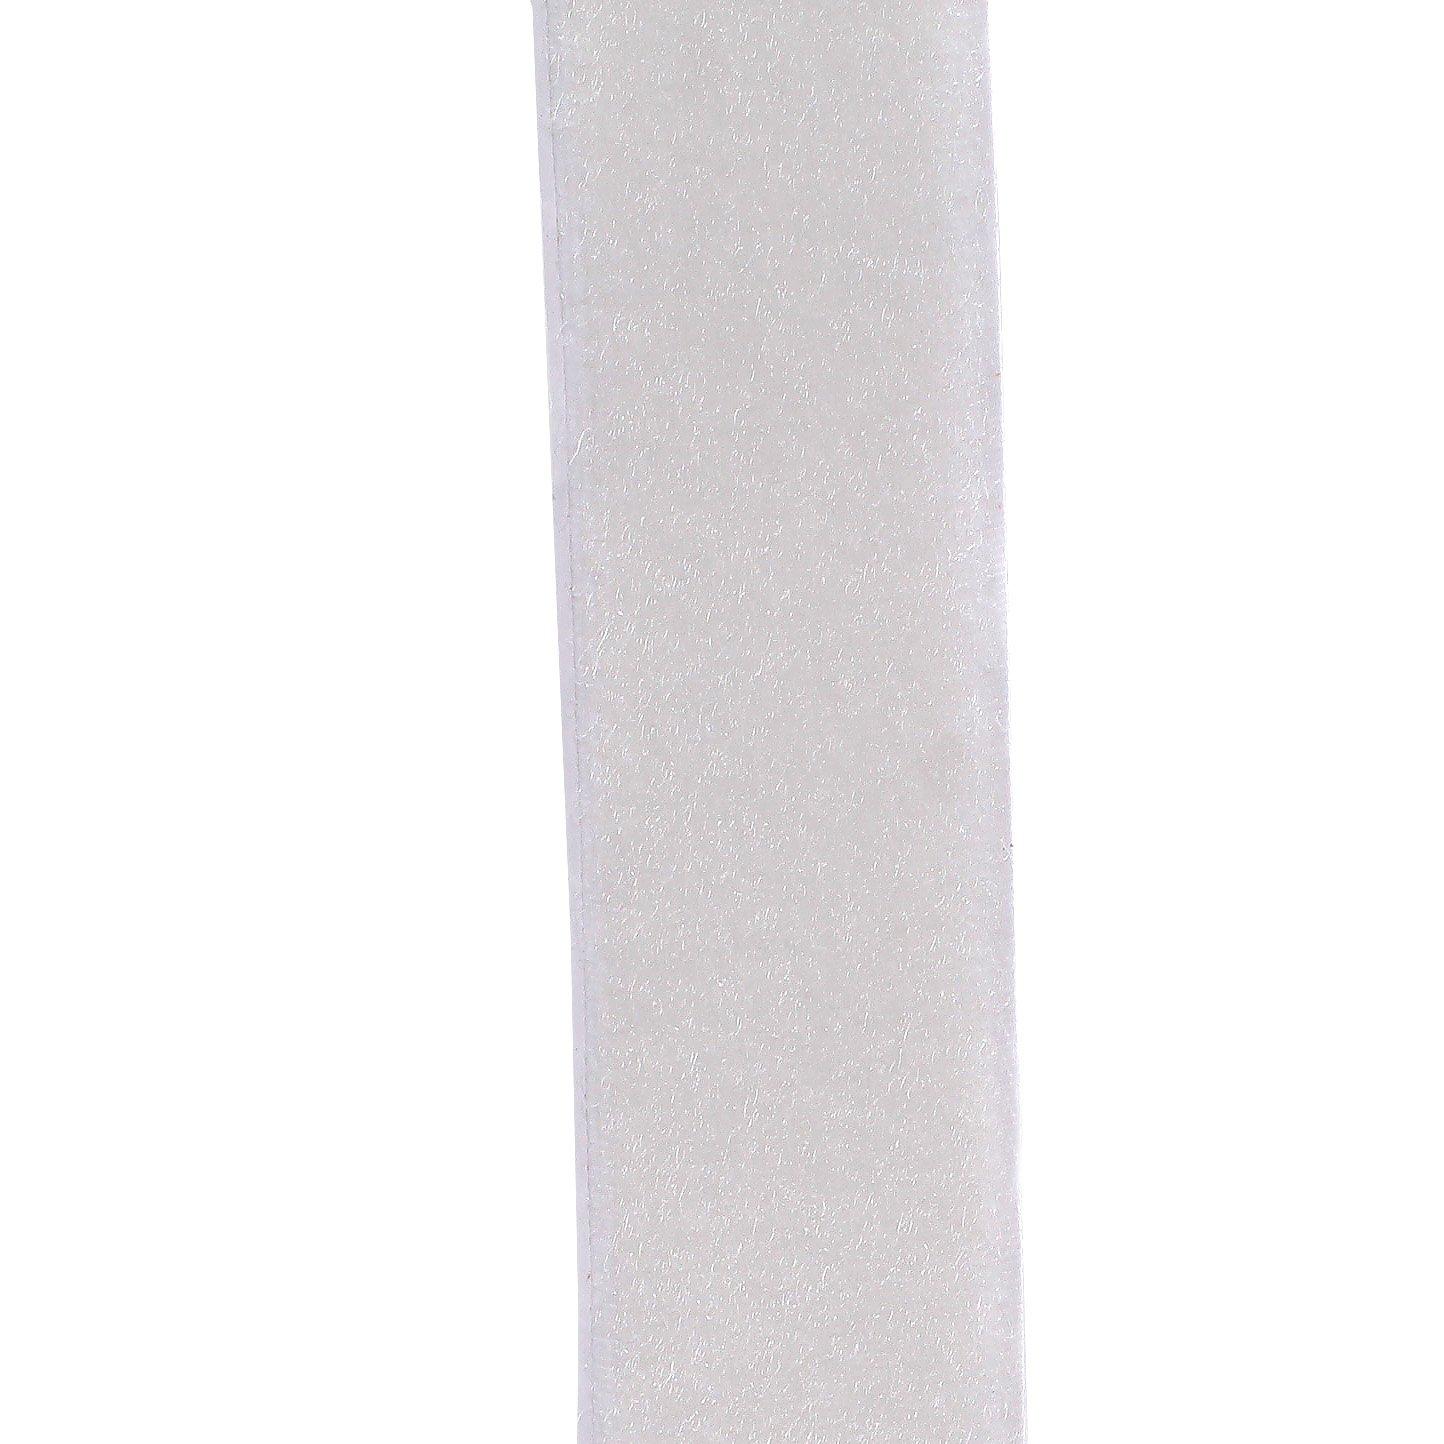 Langfristig Extra Stark Haftkraft Flausch /& Haken TUKA 25m x 25mm Klettband selbstklebend 25mm breit Klebender Klettverschluss 25 Meter Flauschband /& 25m Hakenband Schwarz TKB5009 Black